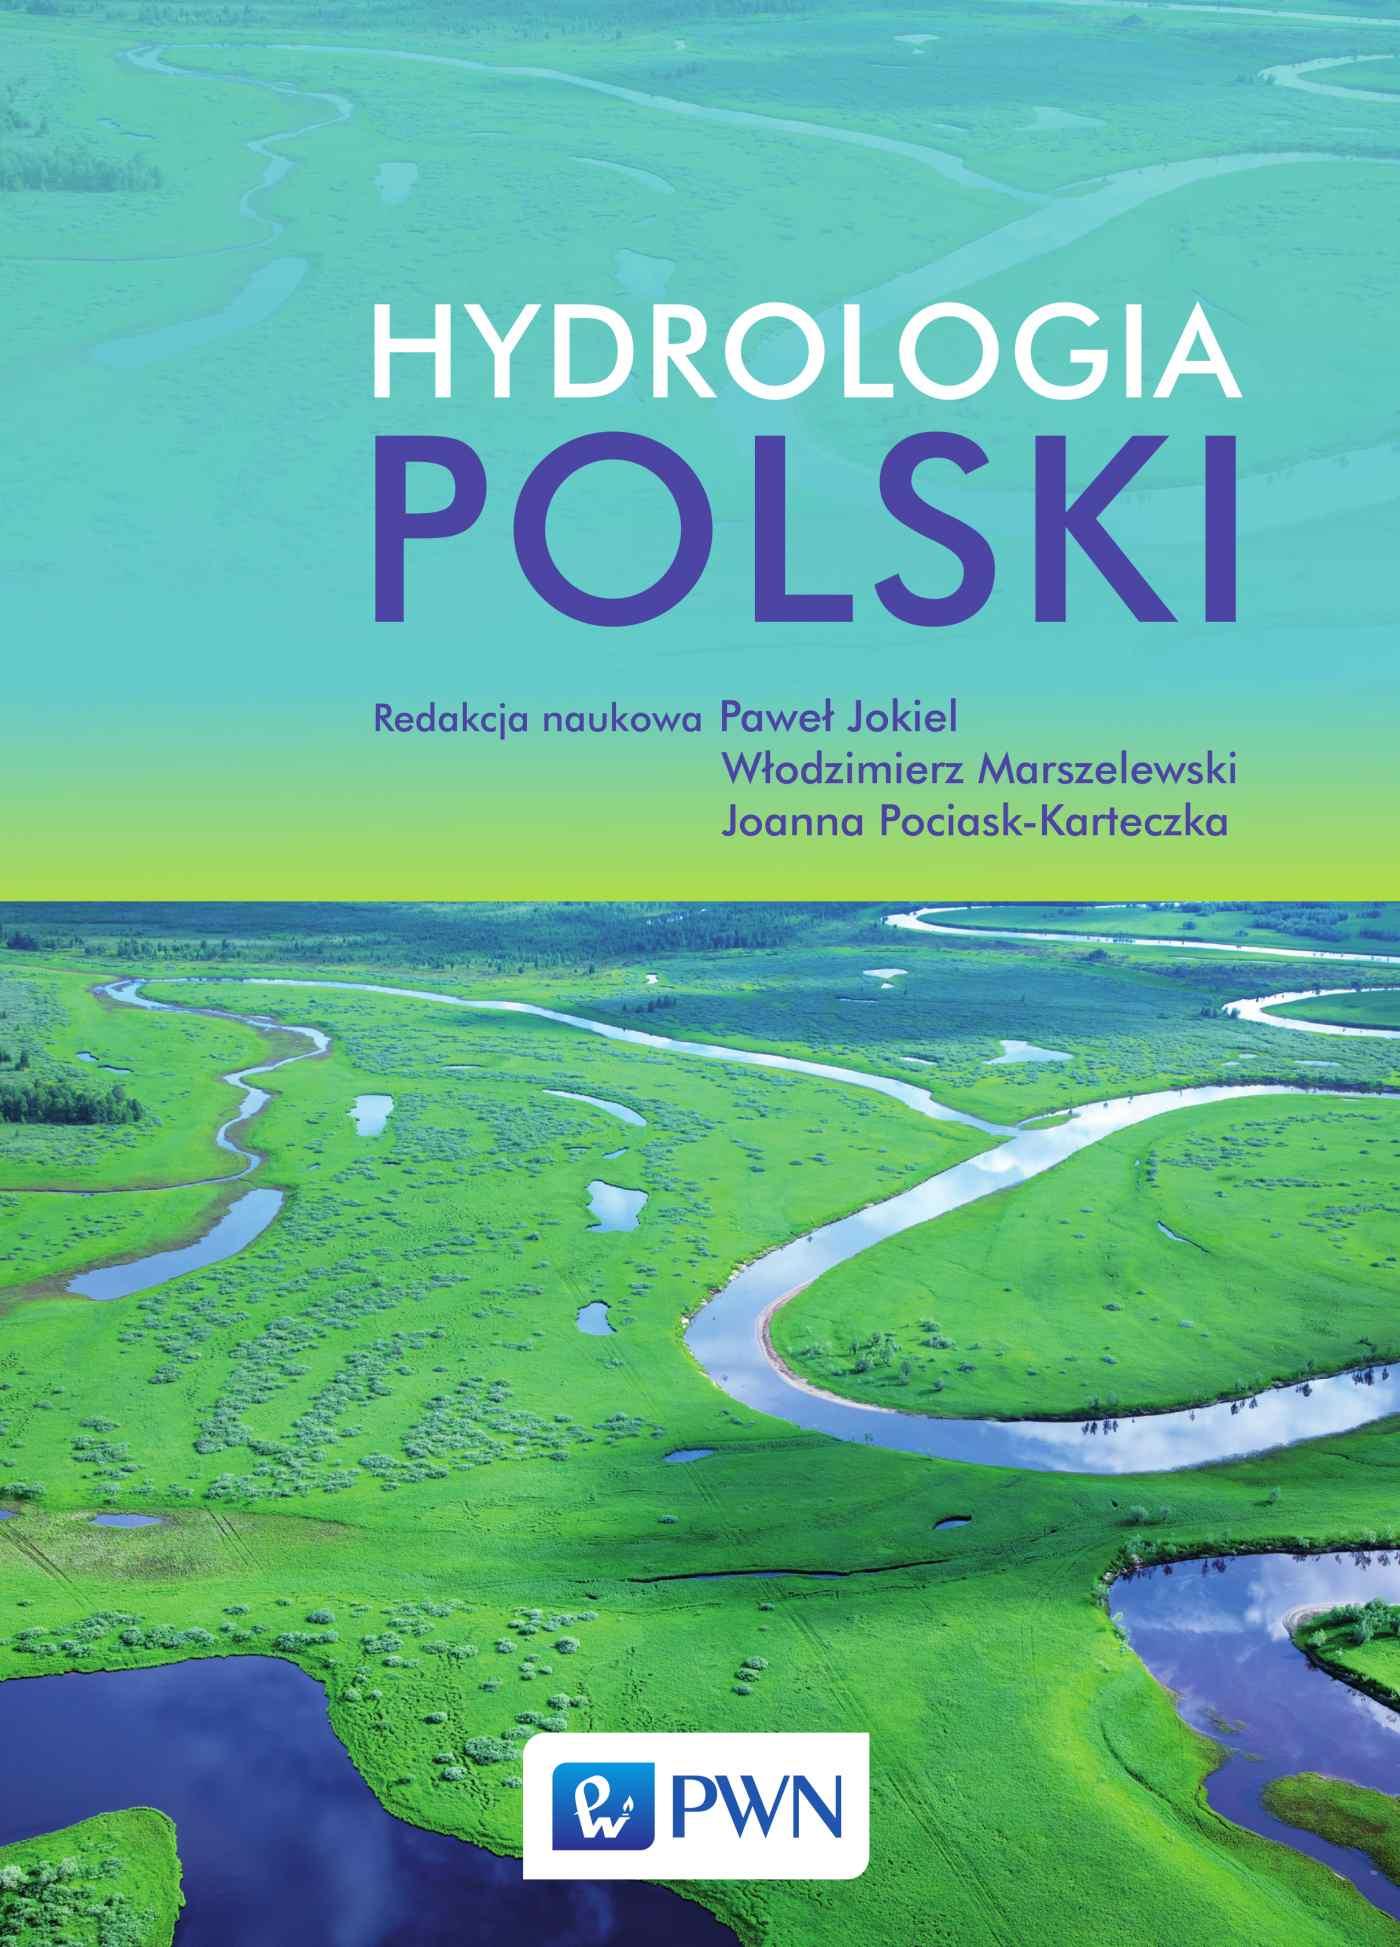 Hydrologia Polski - Ebook (Książka EPUB) do pobrania w formacie EPUB